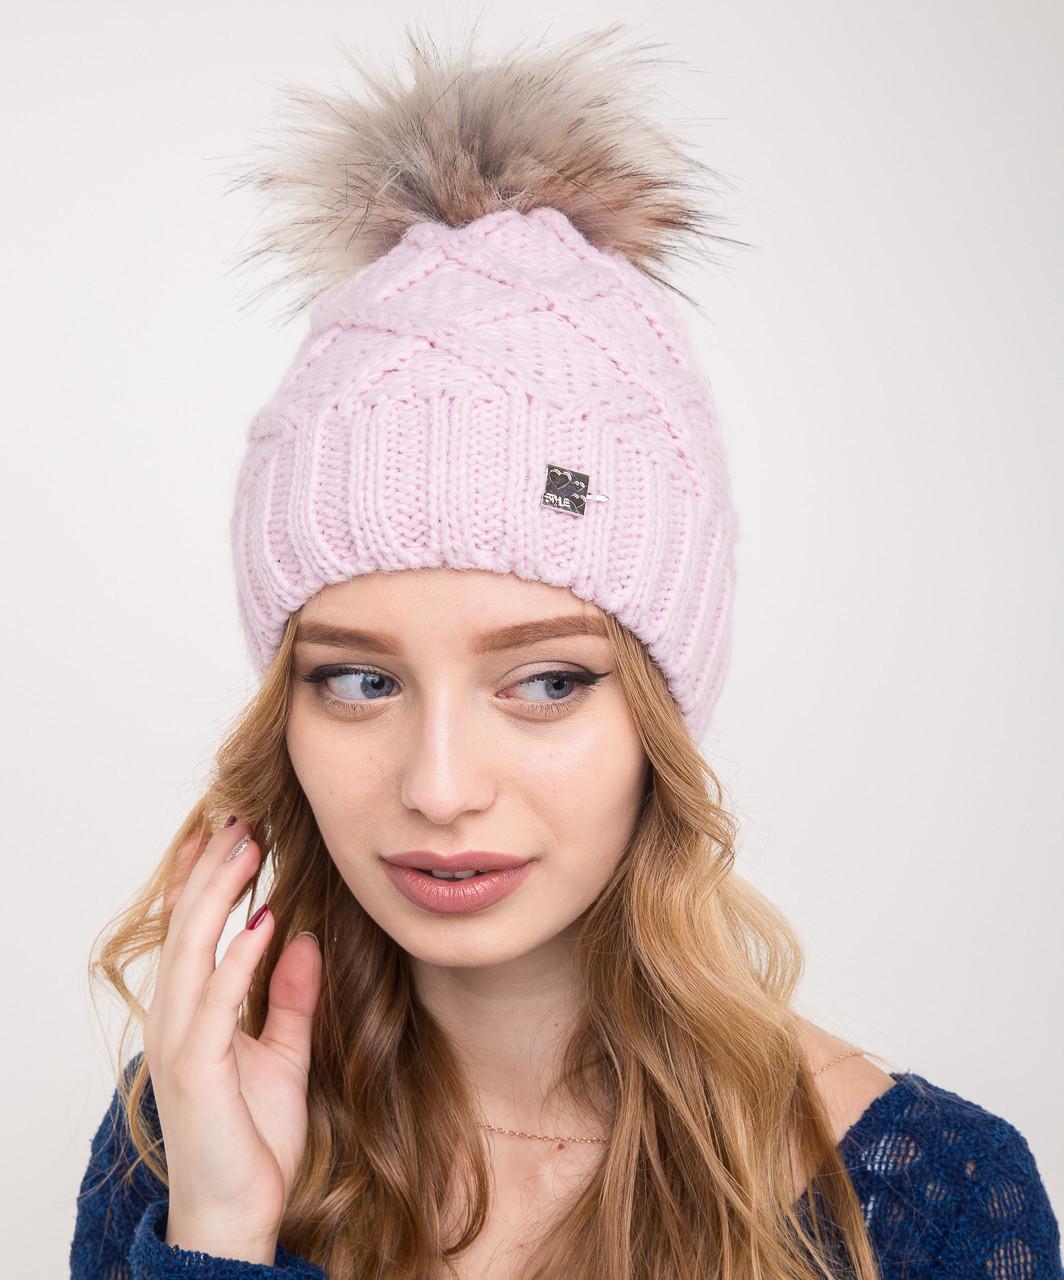 Женская вязанная шапка с меховым помпоном на зиму - Арт 2150-5